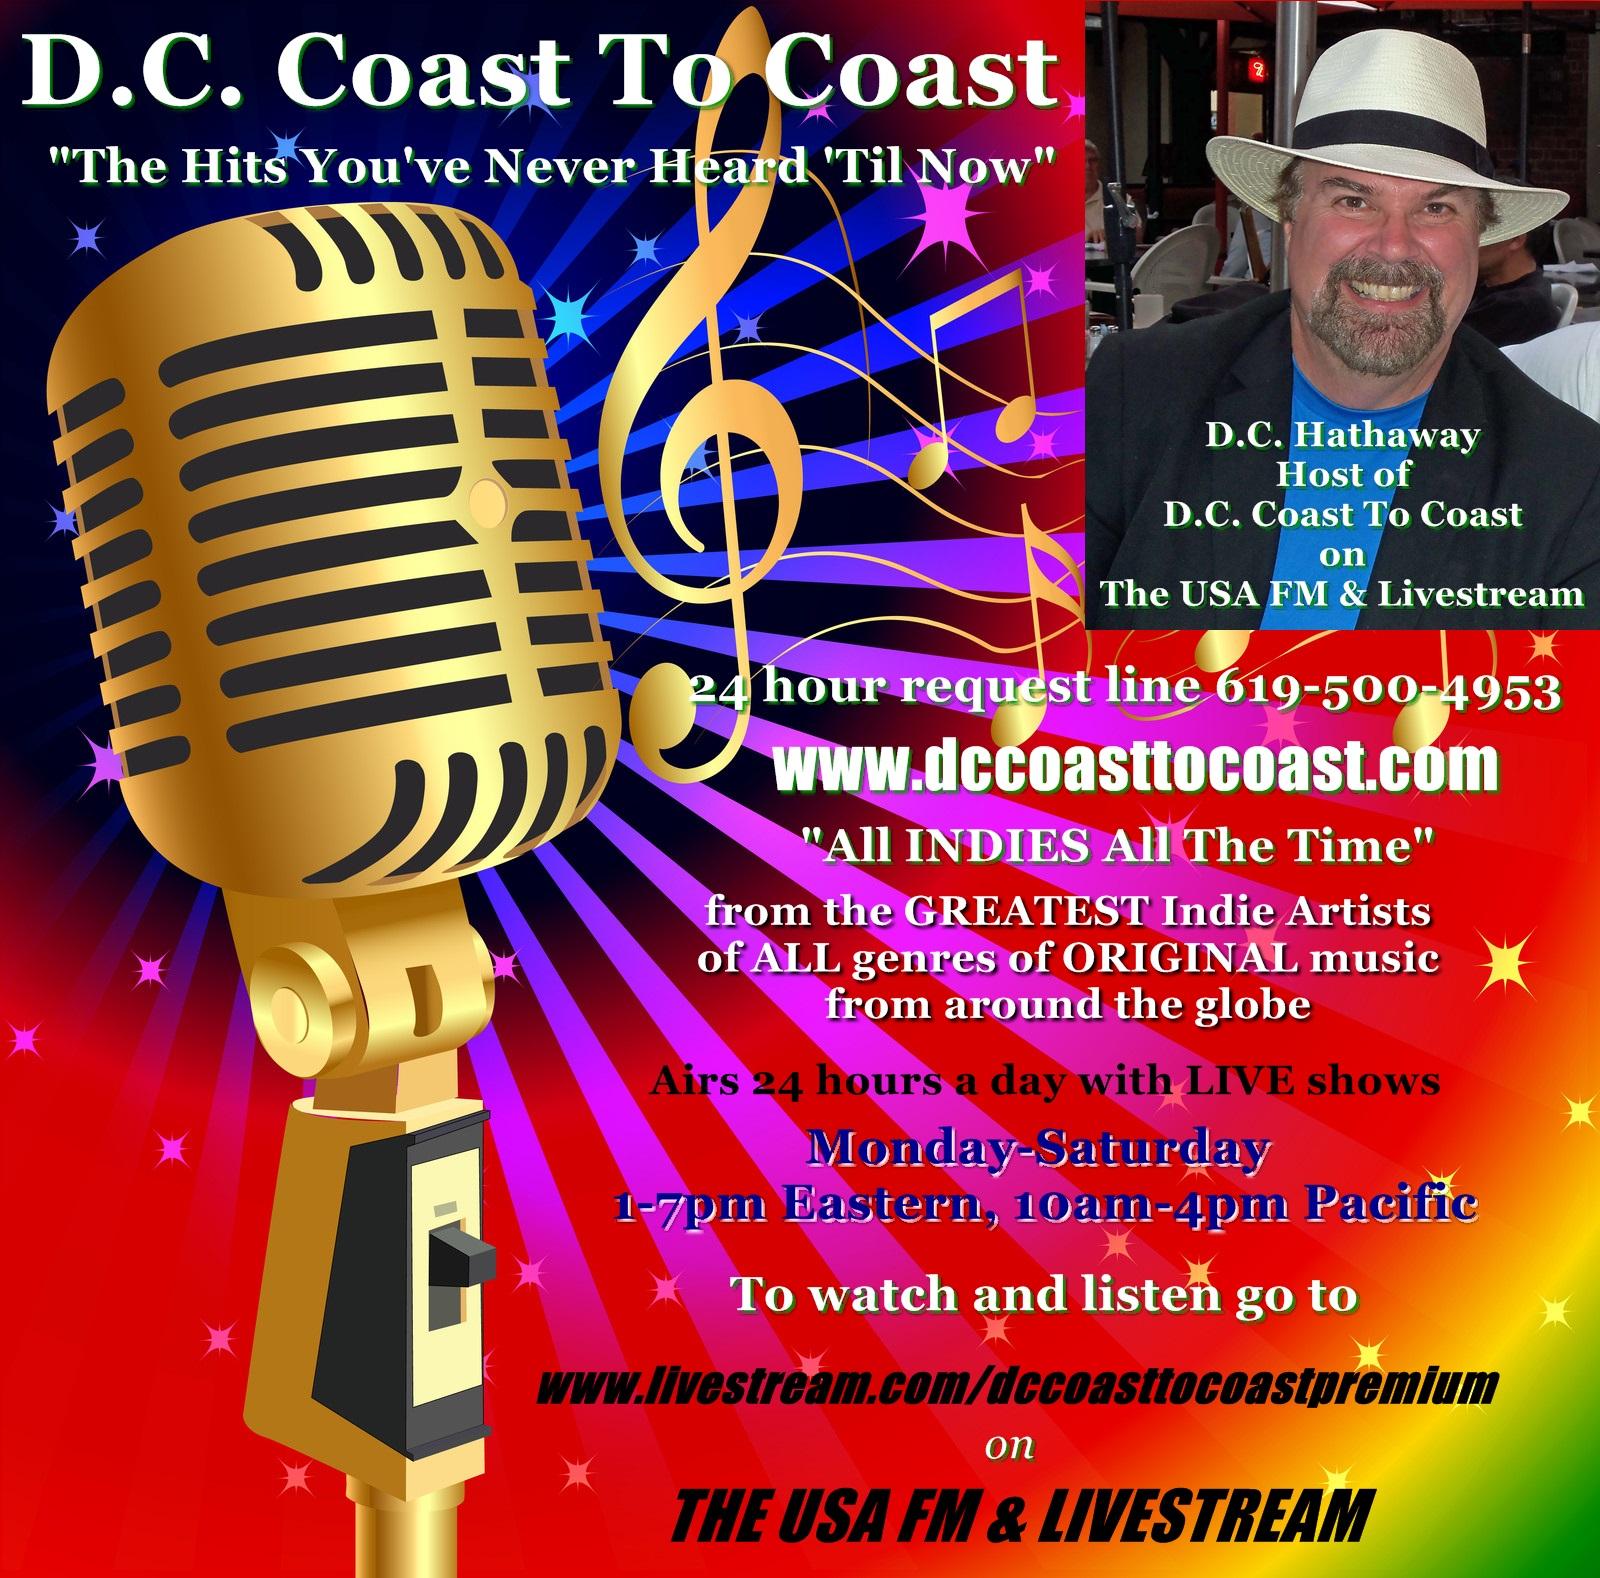 D.C. Coast To Coast